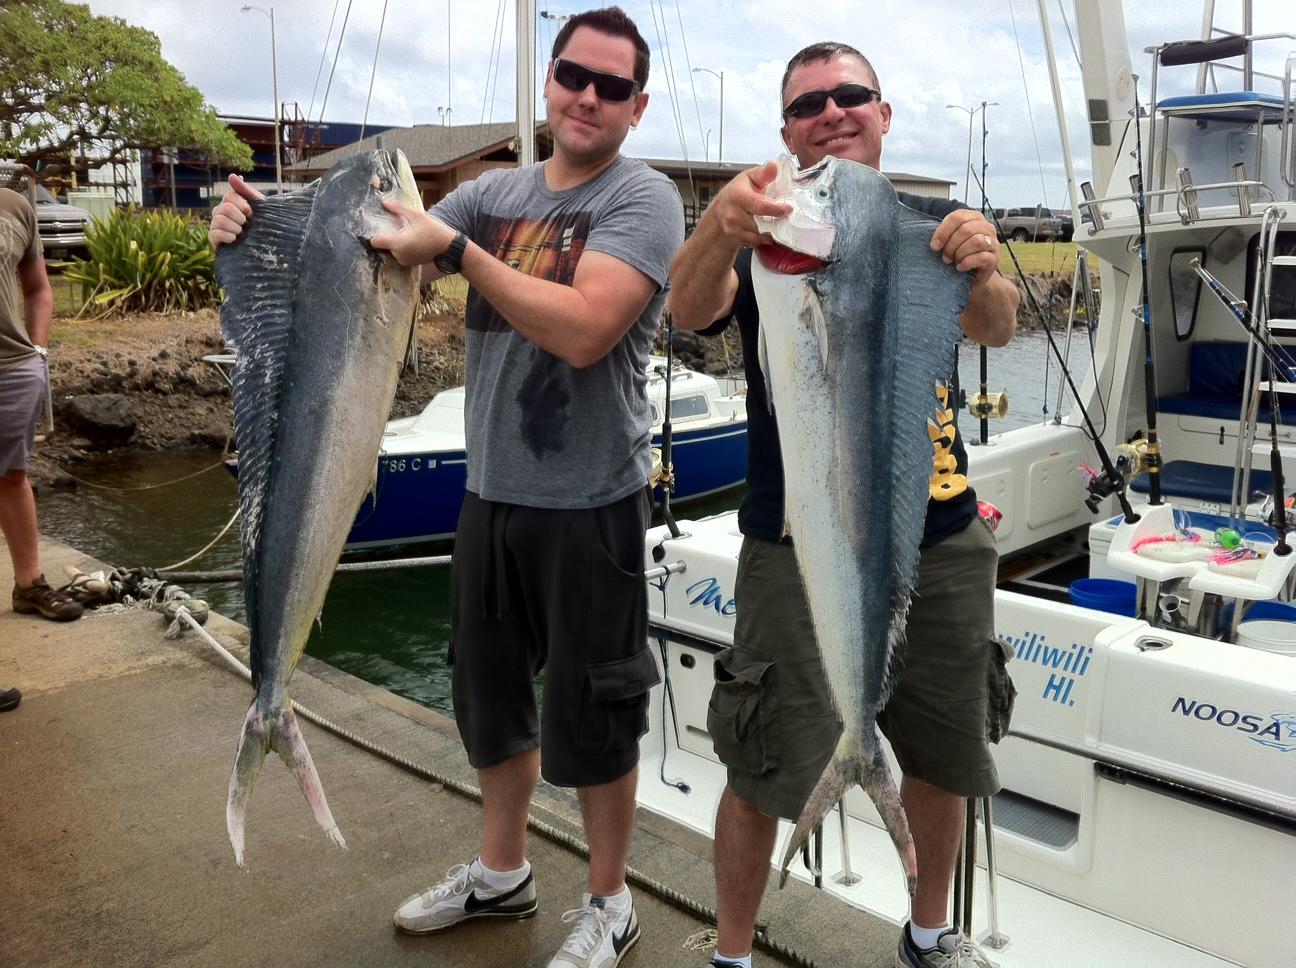 C lure fishing chaters kauai hawaii kauai fishing report for Fishing in kauai